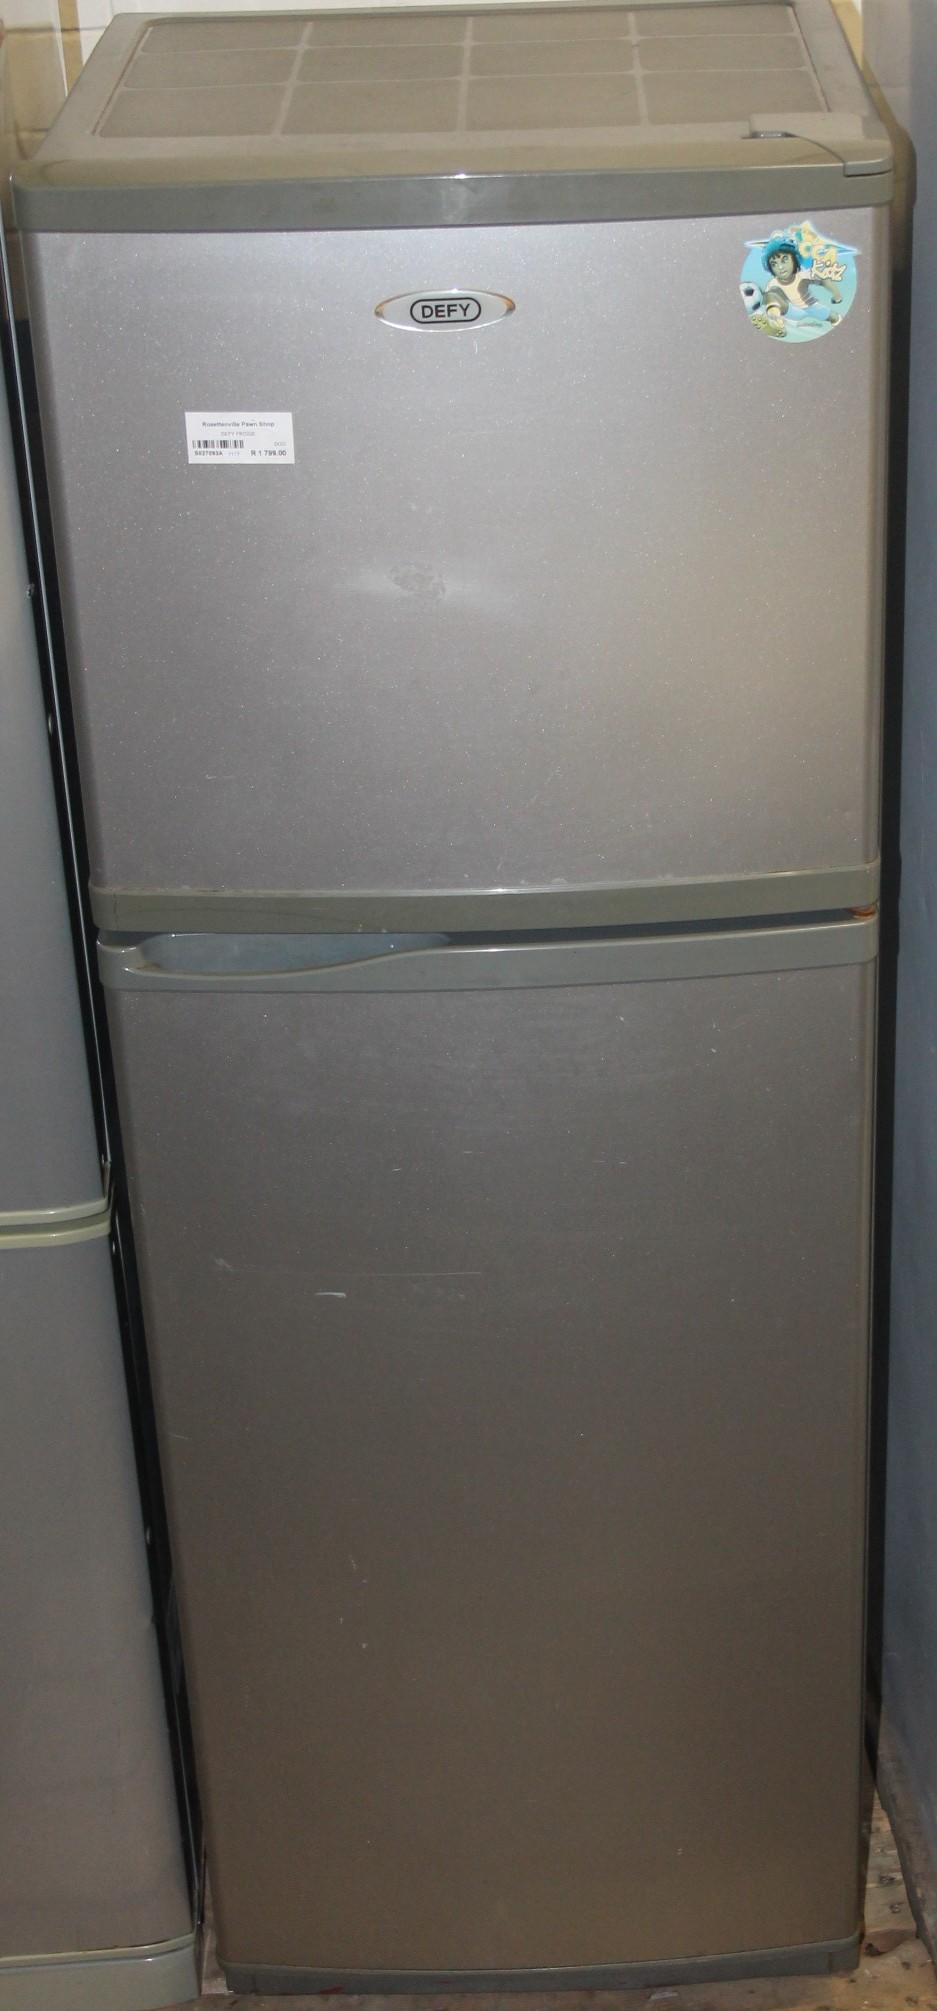 Defy fridge S027093a #Rosettenvillepawnshop